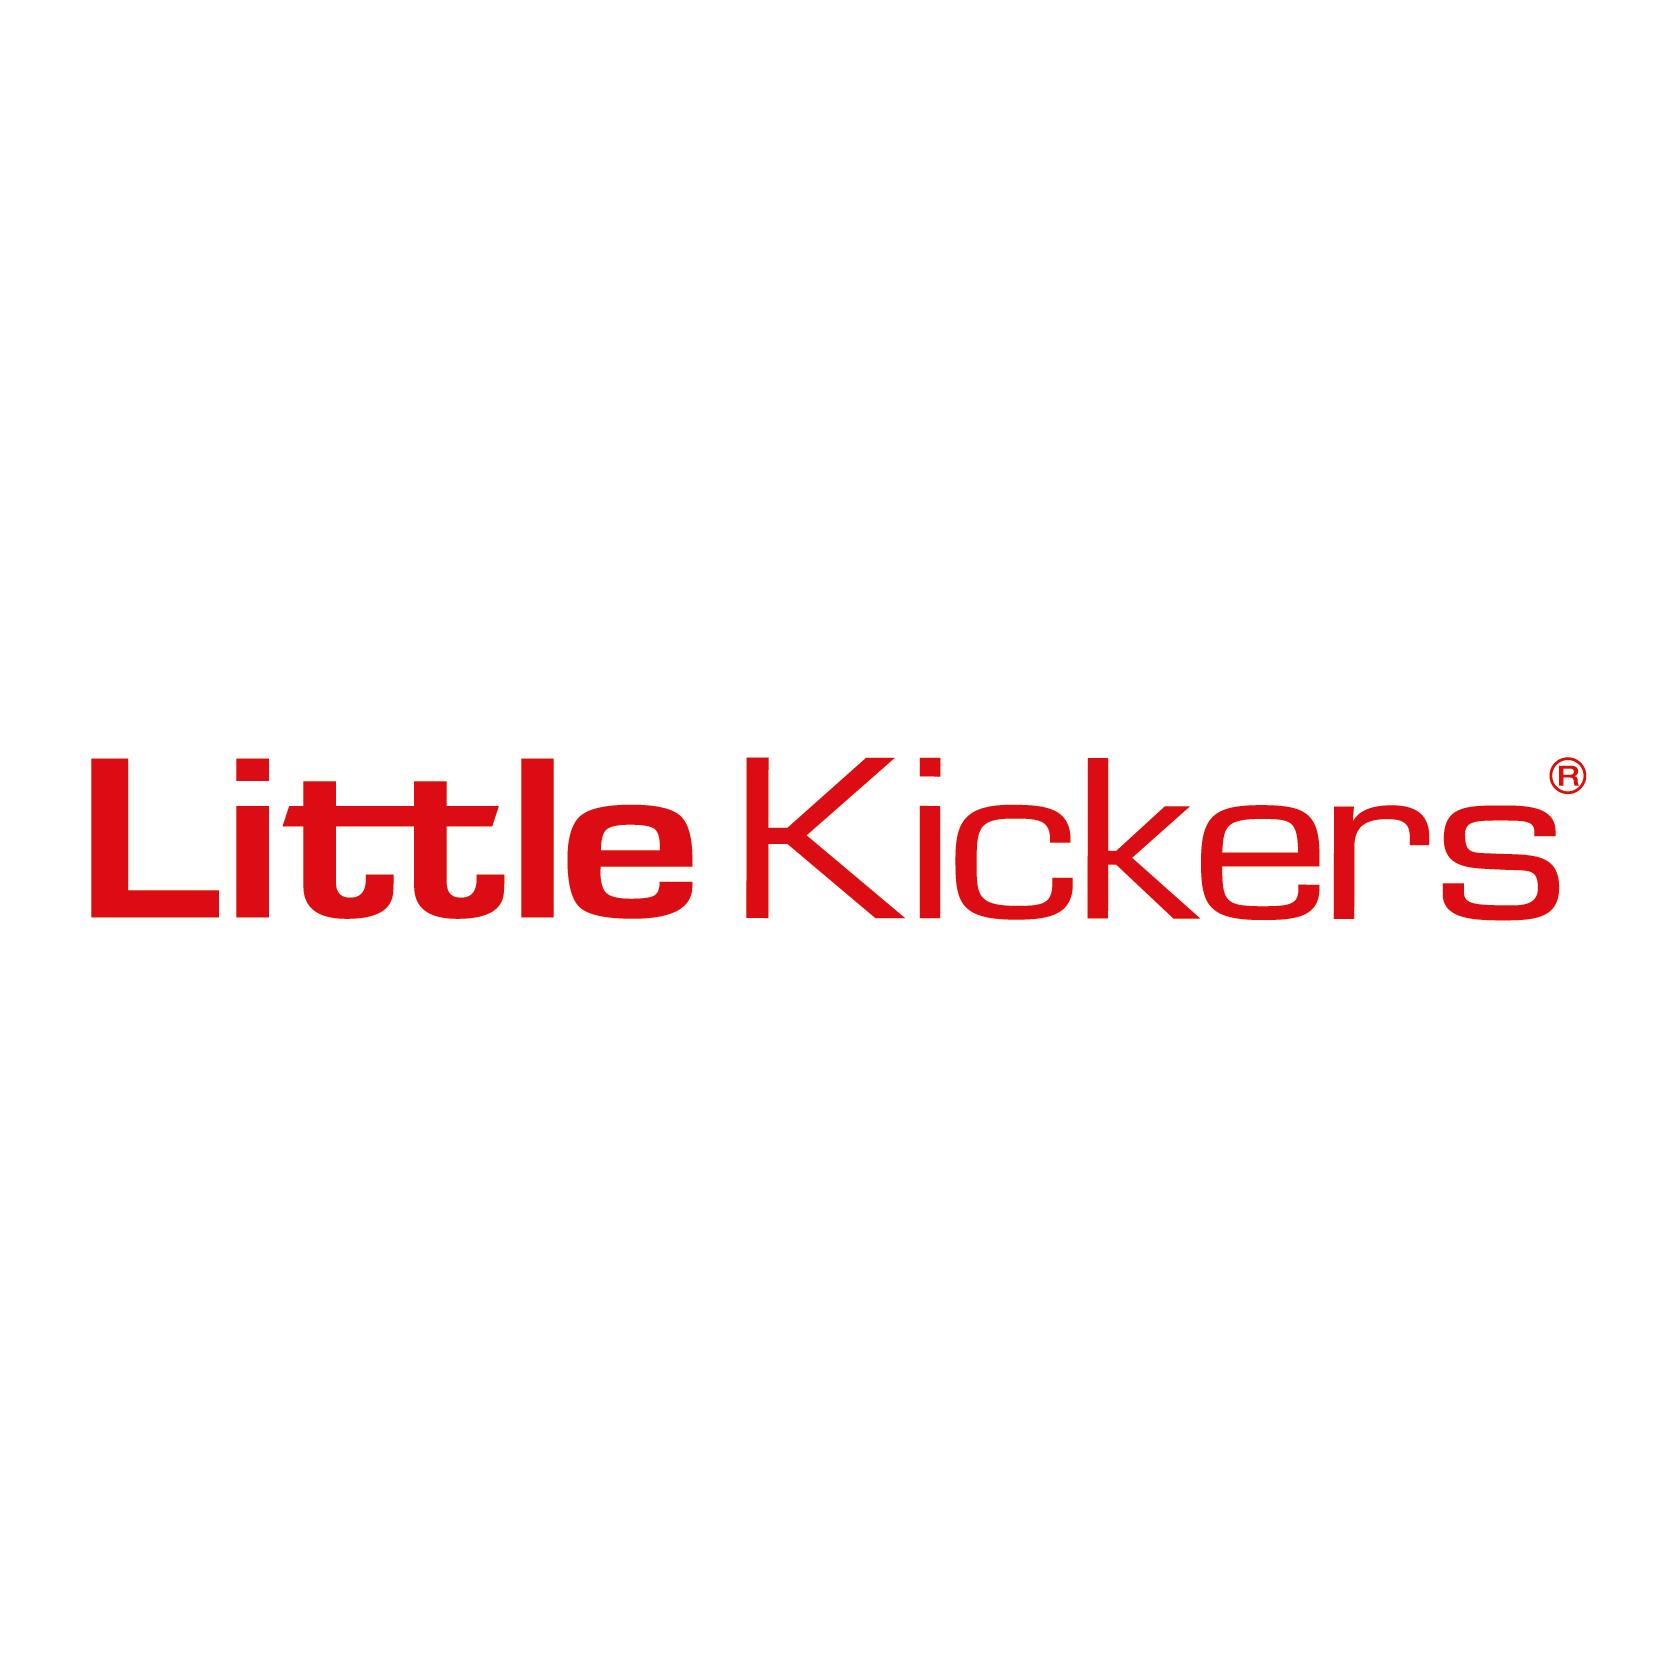 Little Kickers Warwickshire 's logo